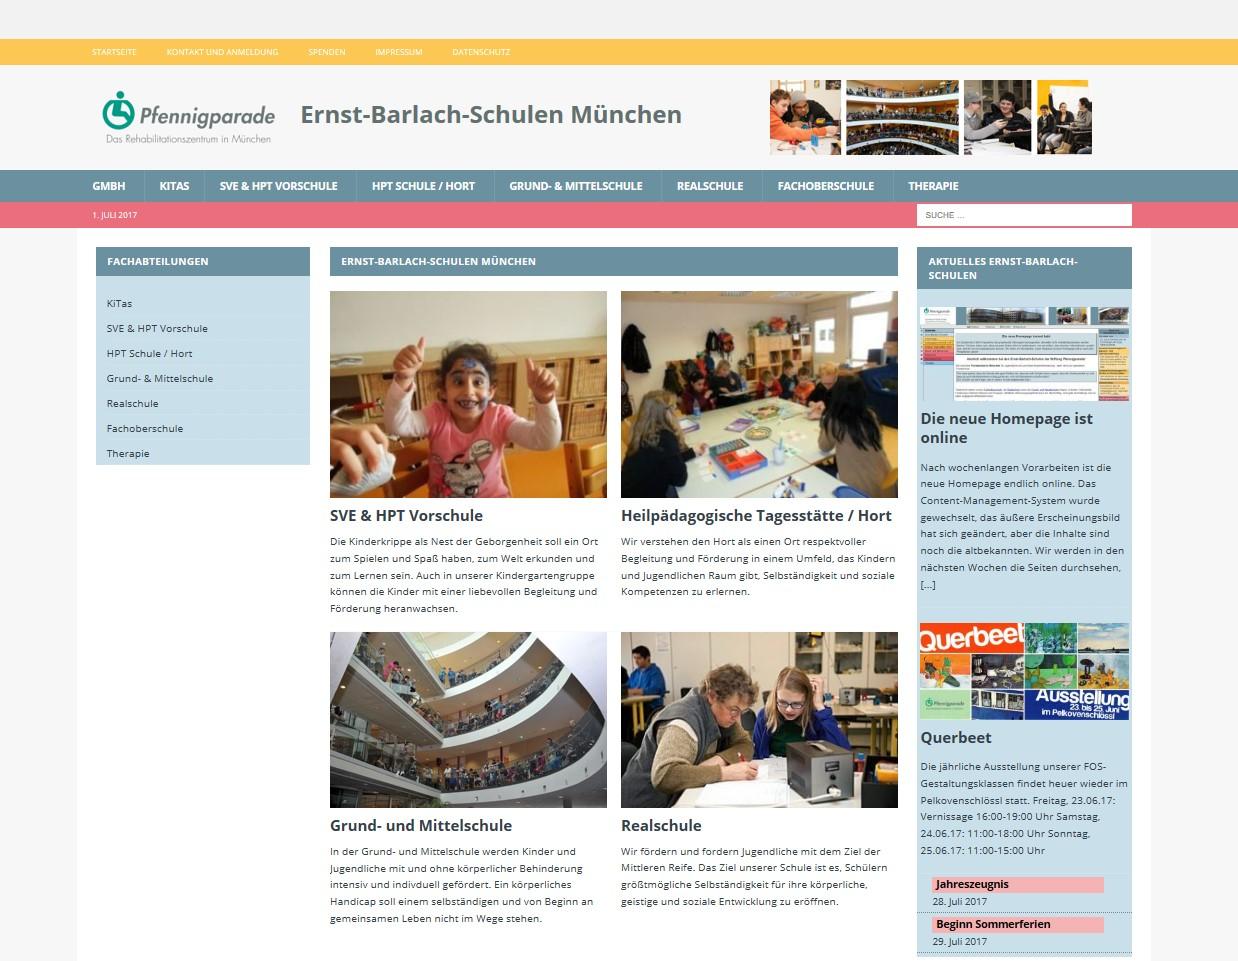 Ernst-Barlach-Schulen der Stiftung Pfennigparade, München